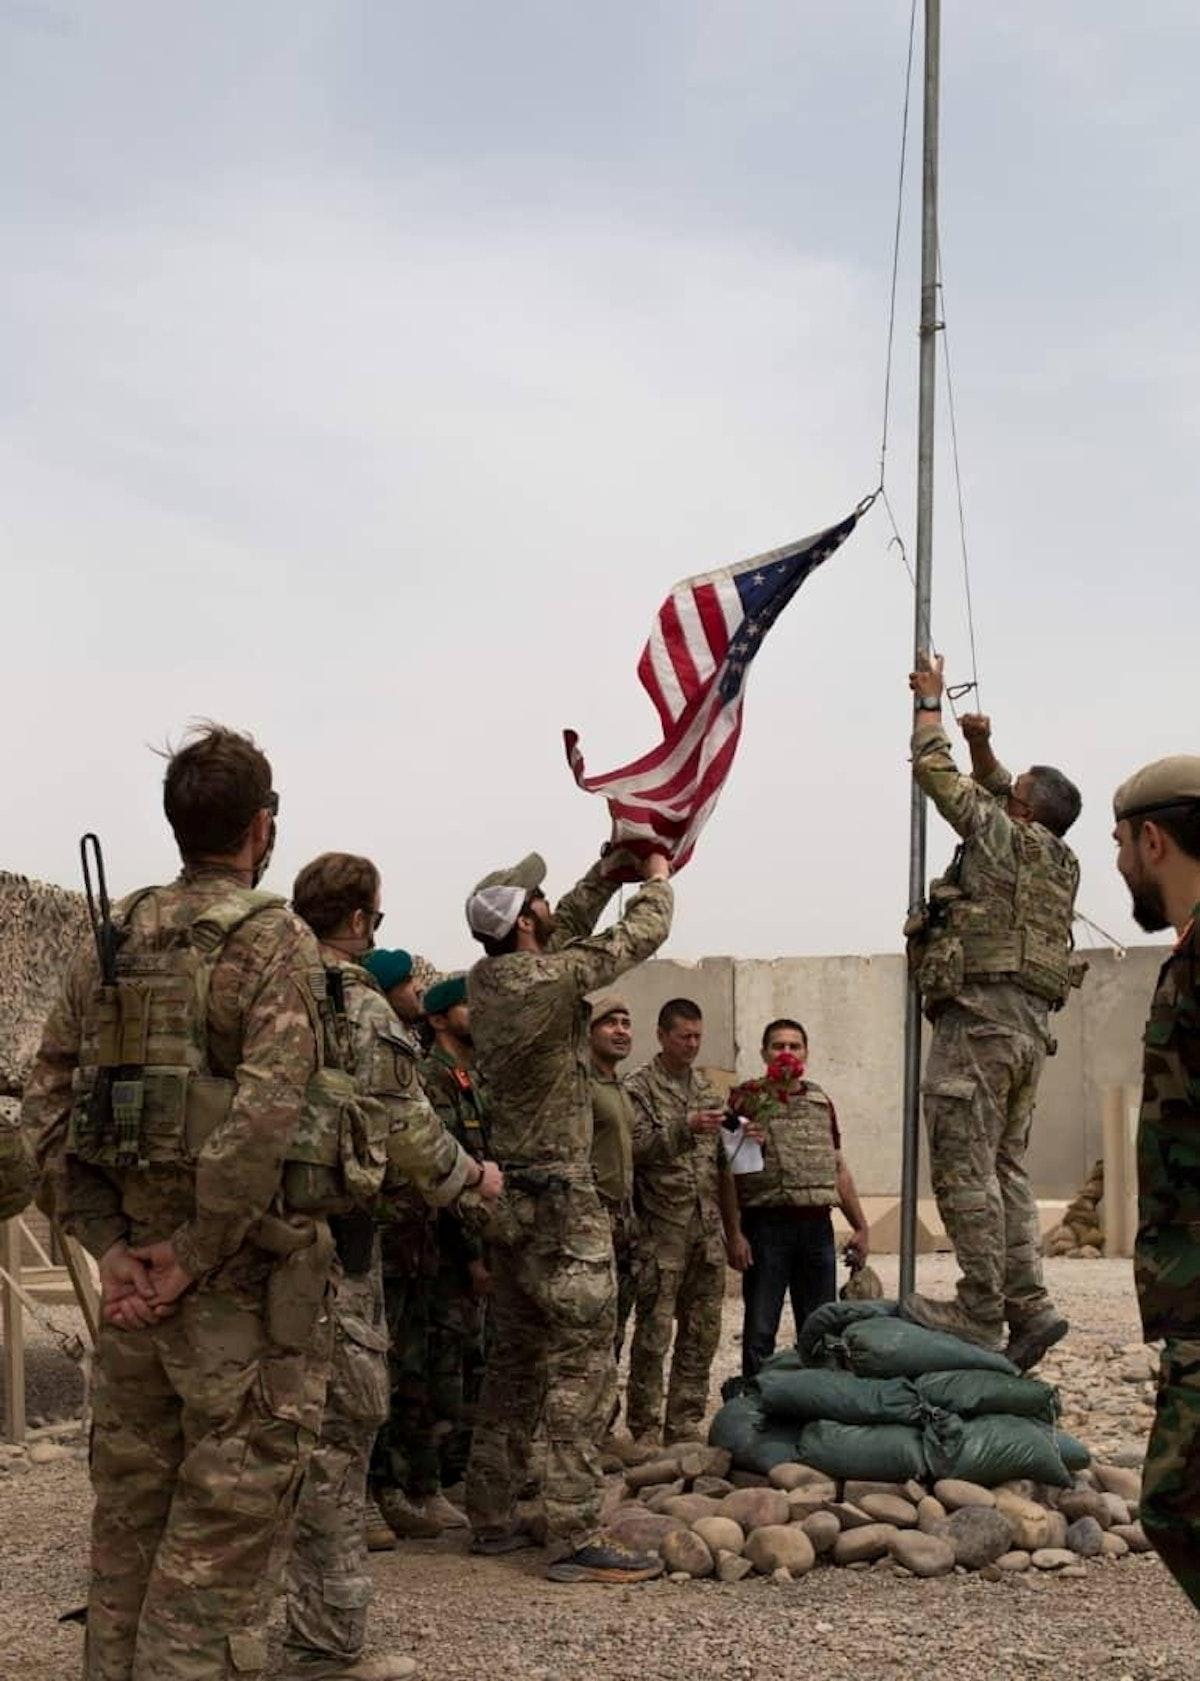 مراسم التسليم في معسكر أنتونيك، من الجيش الأميركي ، إلى قوات الدفاع الأفغانية في إقليم هلمند ، أفغانستان - REUTERS